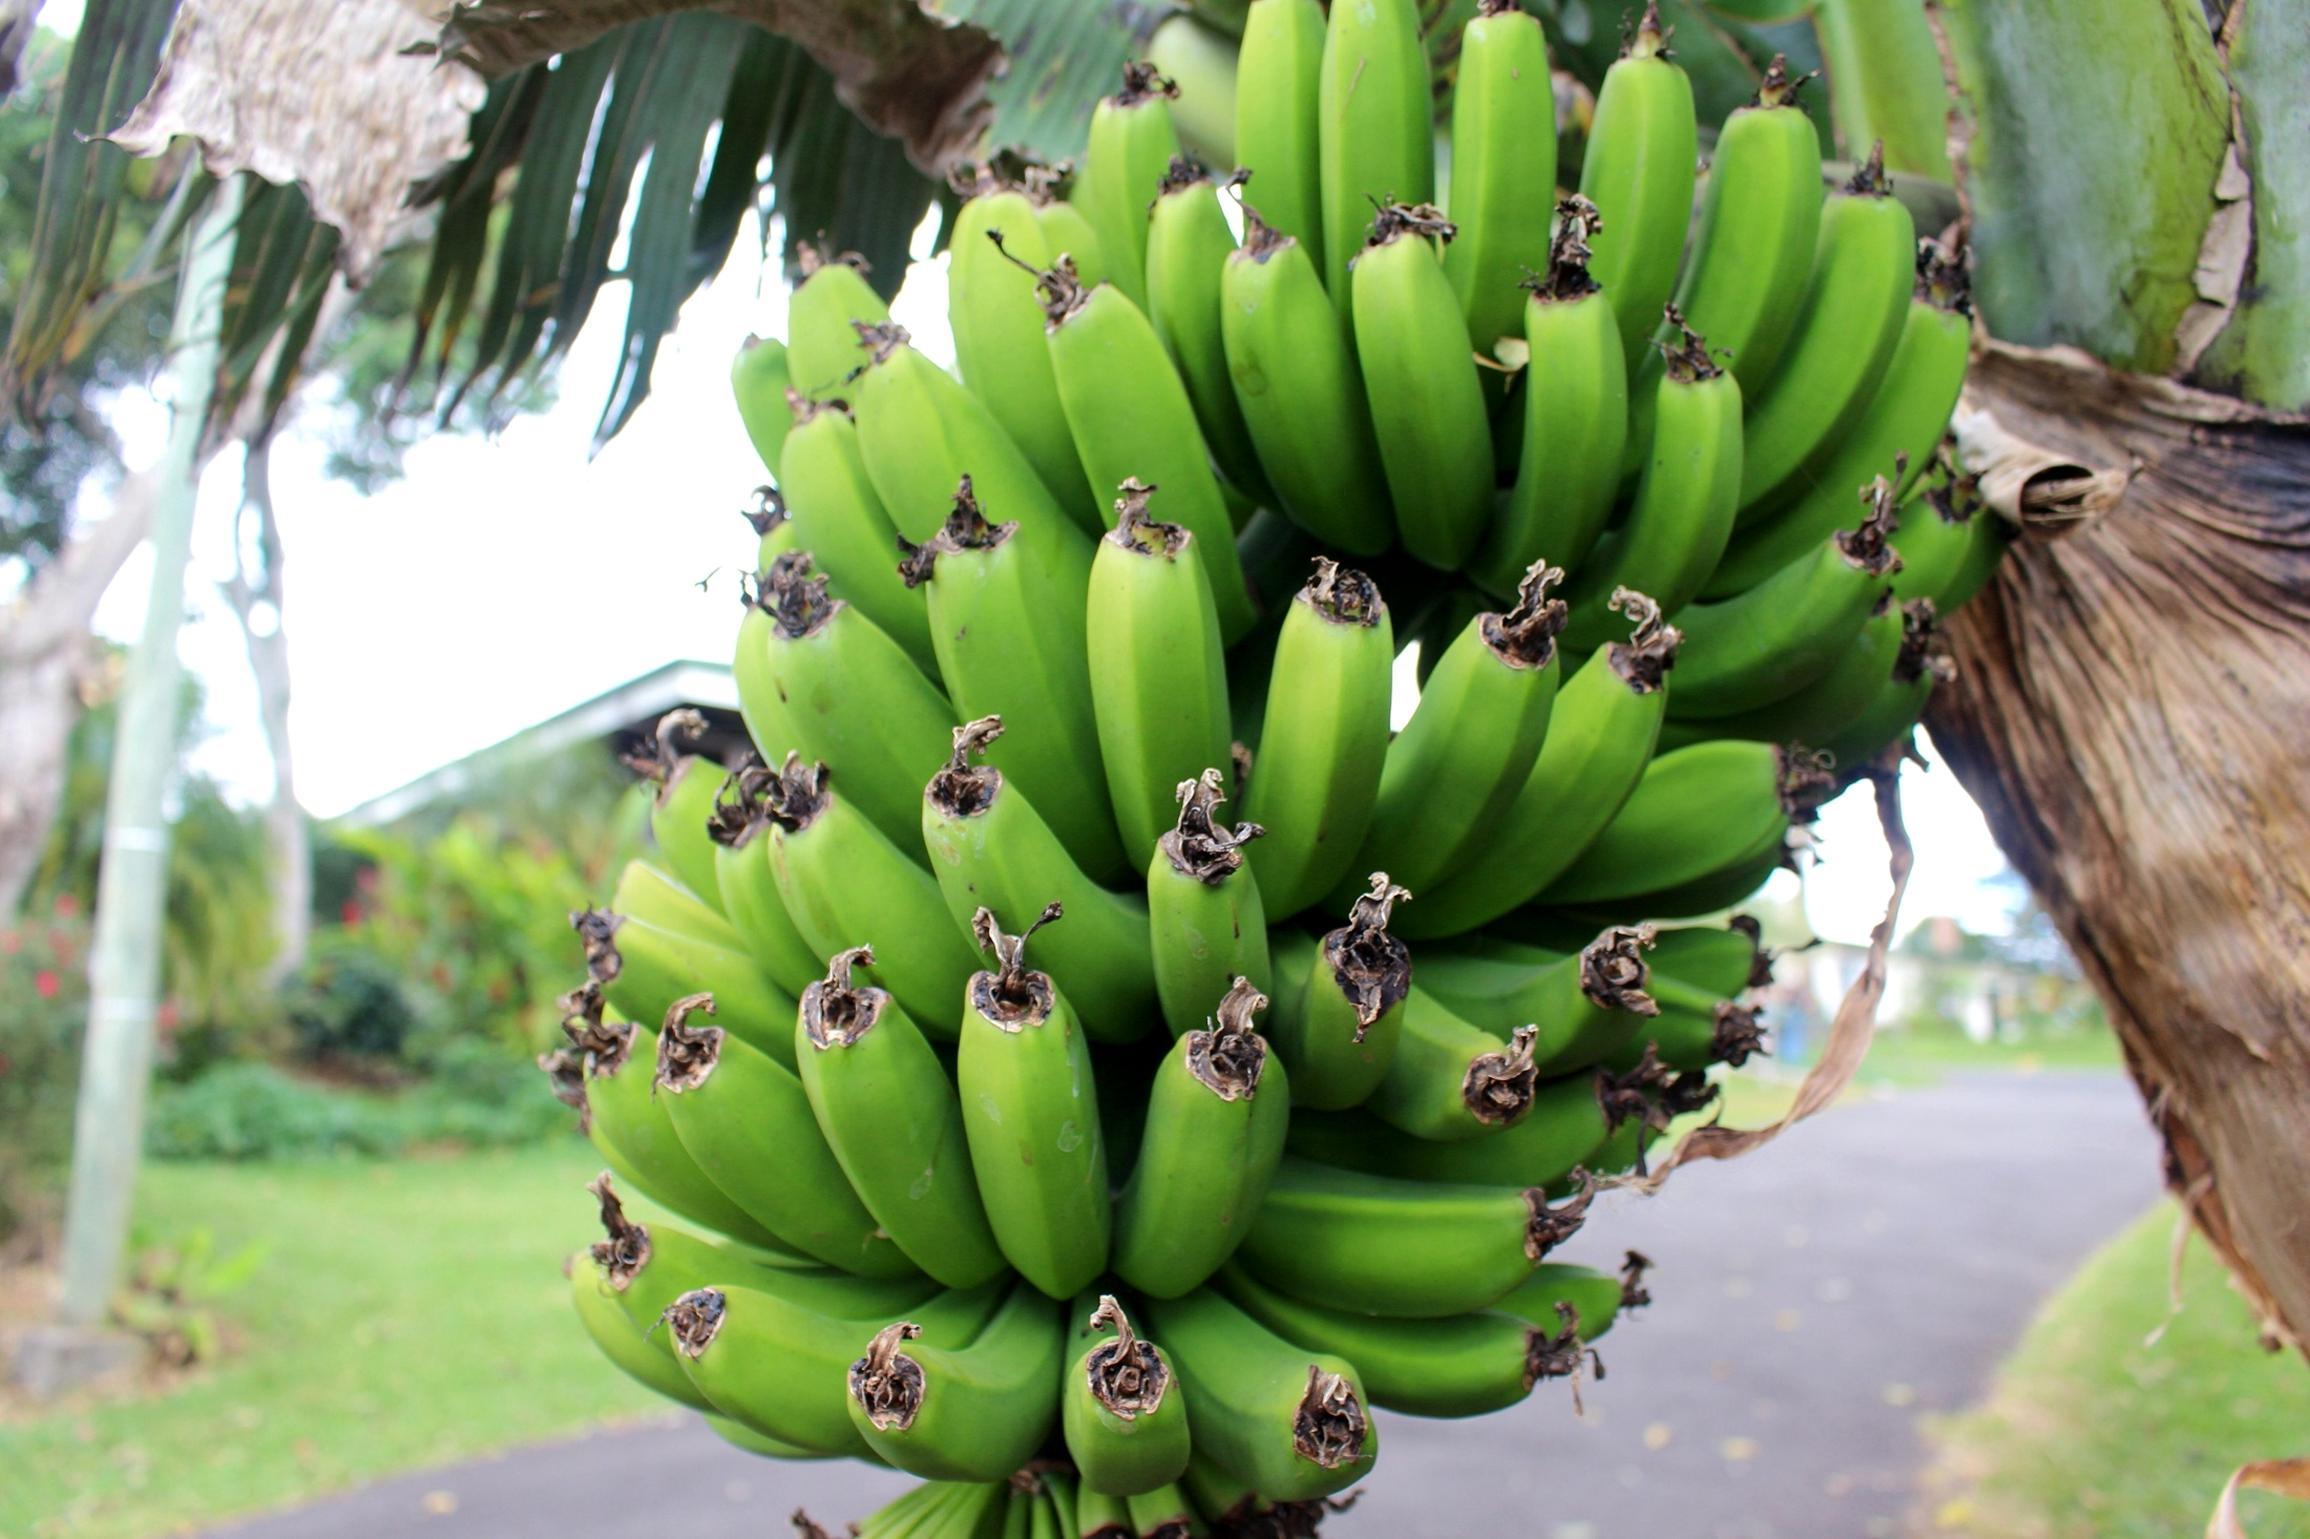 kostenlose bild banane obst lebensmittel pflanze. Black Bedroom Furniture Sets. Home Design Ideas